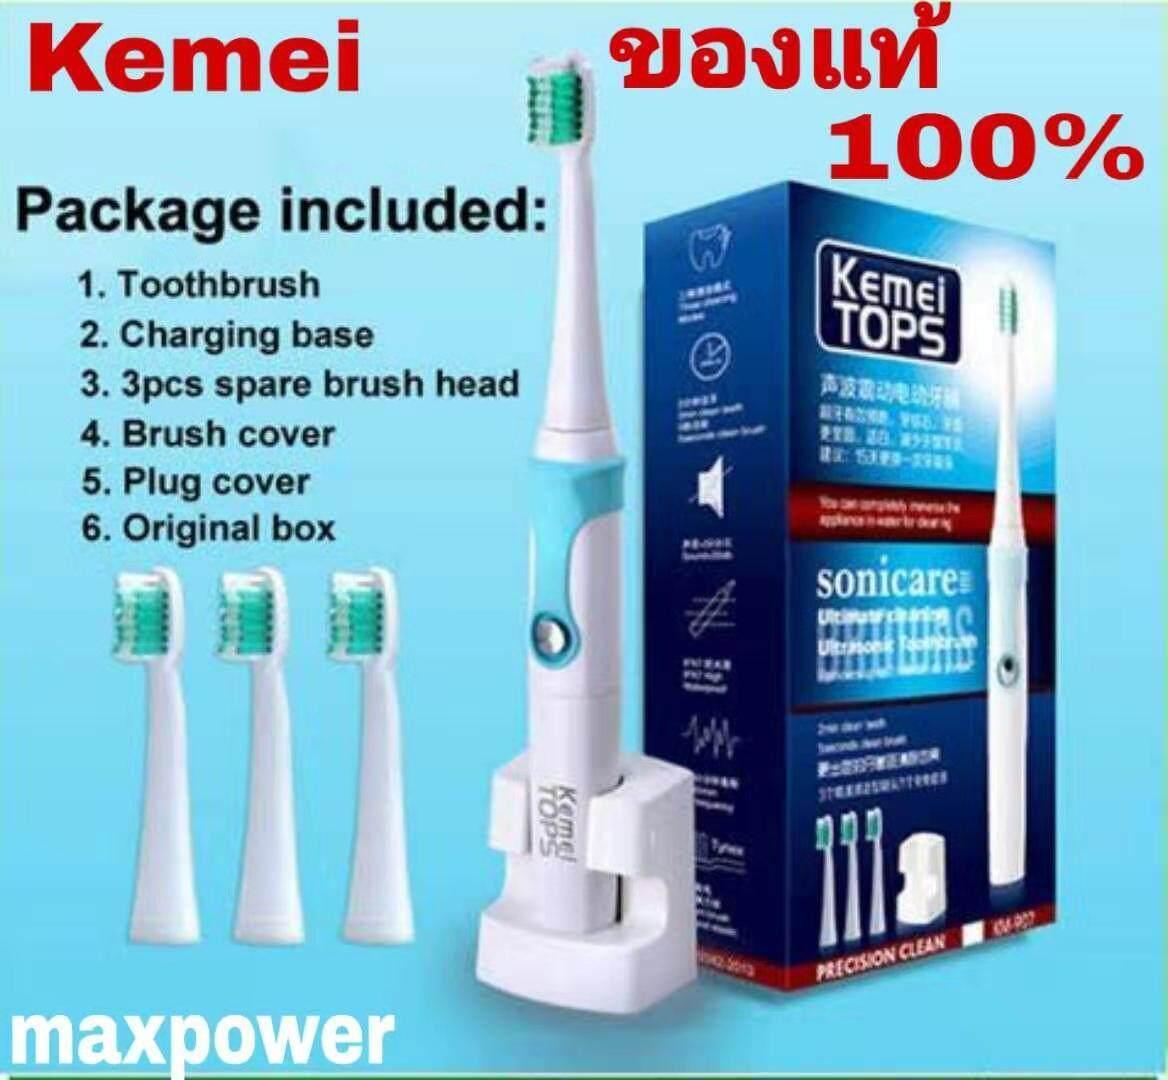 แปรงสีฟันไฟฟ้า รอยยิ้มขาวสดใสใน 1 สัปดาห์ พะเยา Kemei ของแท้ แปรงสีฟันไฟฟ้าไร้สายระบบอุลตร้าโซนิค พร้อมหัวแปรงอะไหล่ 3 ชุด สินค้ามีพร้อมส่ง รุ่น KM 907